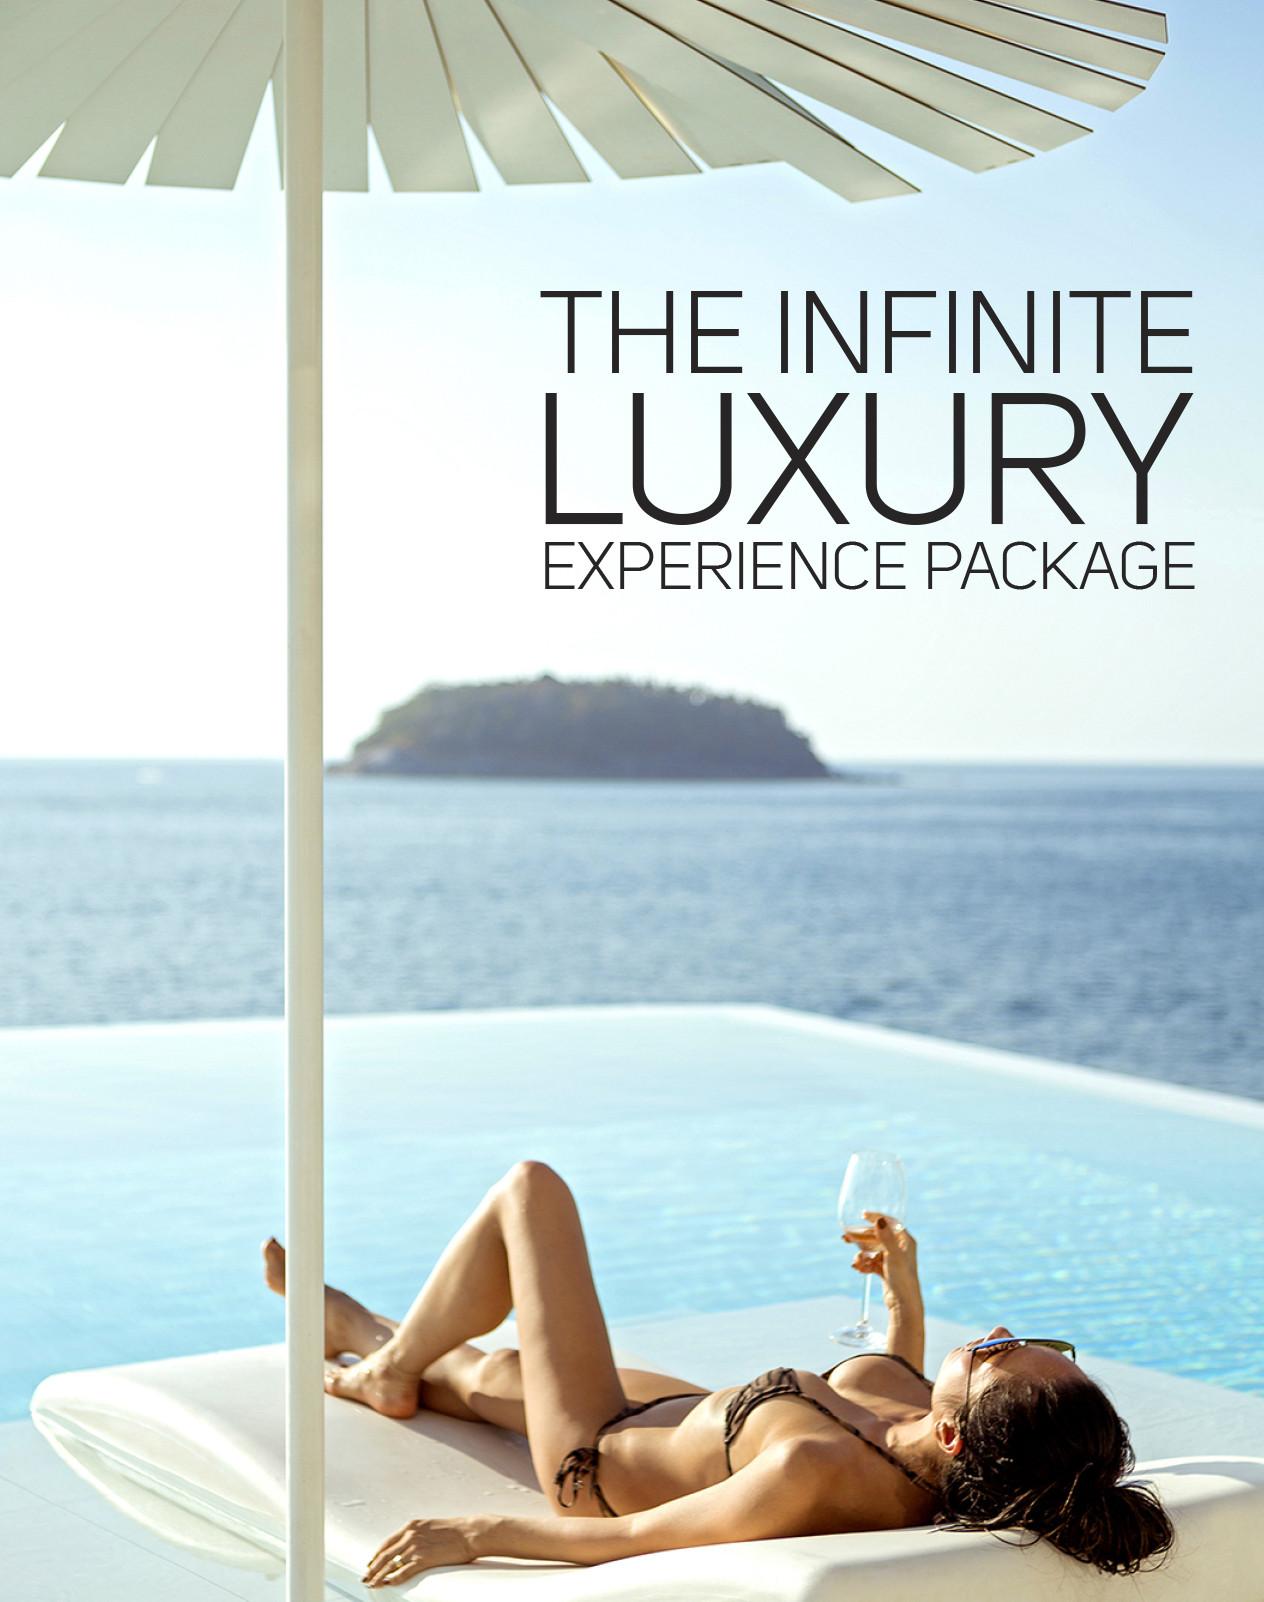 Infinite Luxury Experience Package